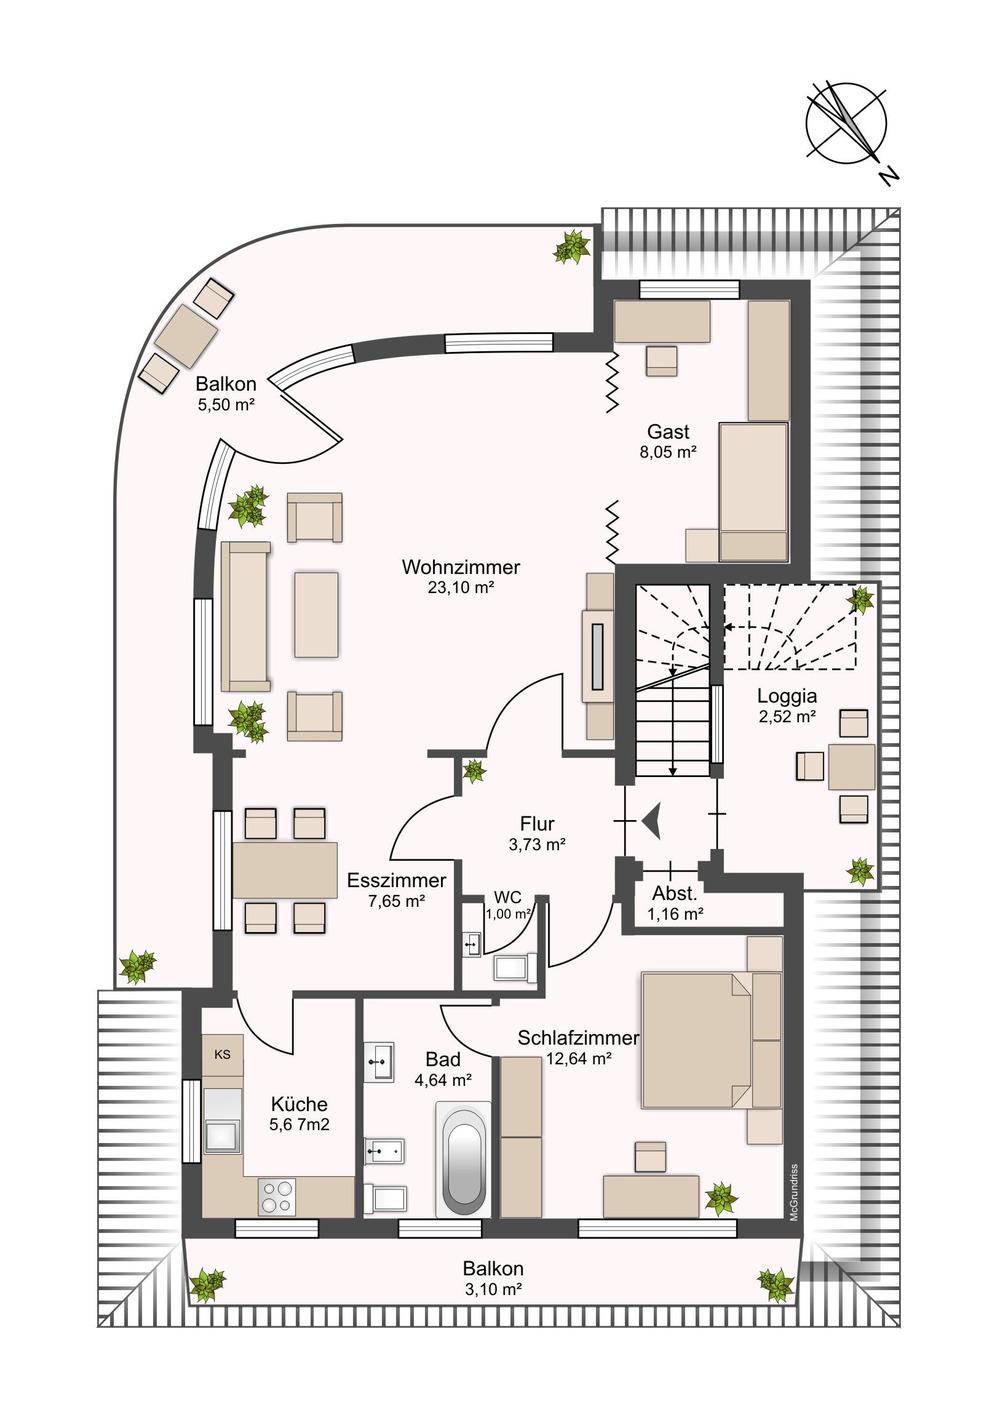 Grundriss der Wohnung_jpg